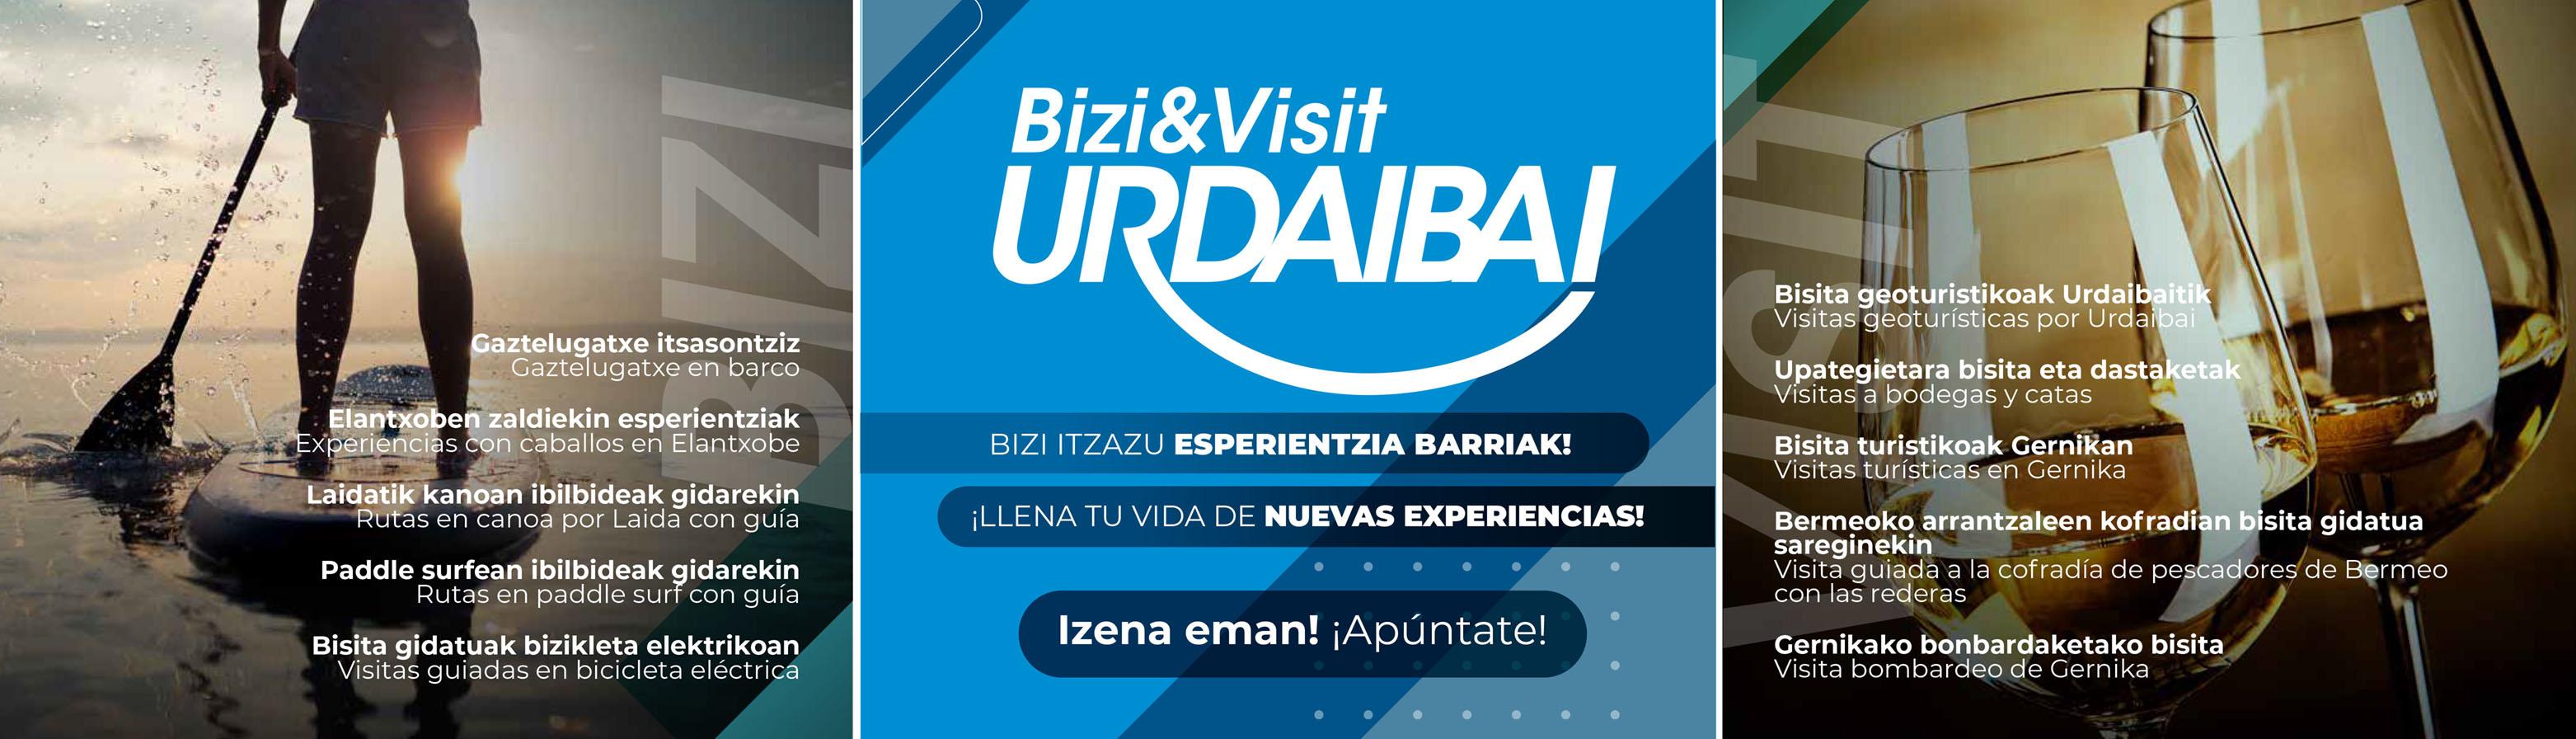 Turismo Urdaibai